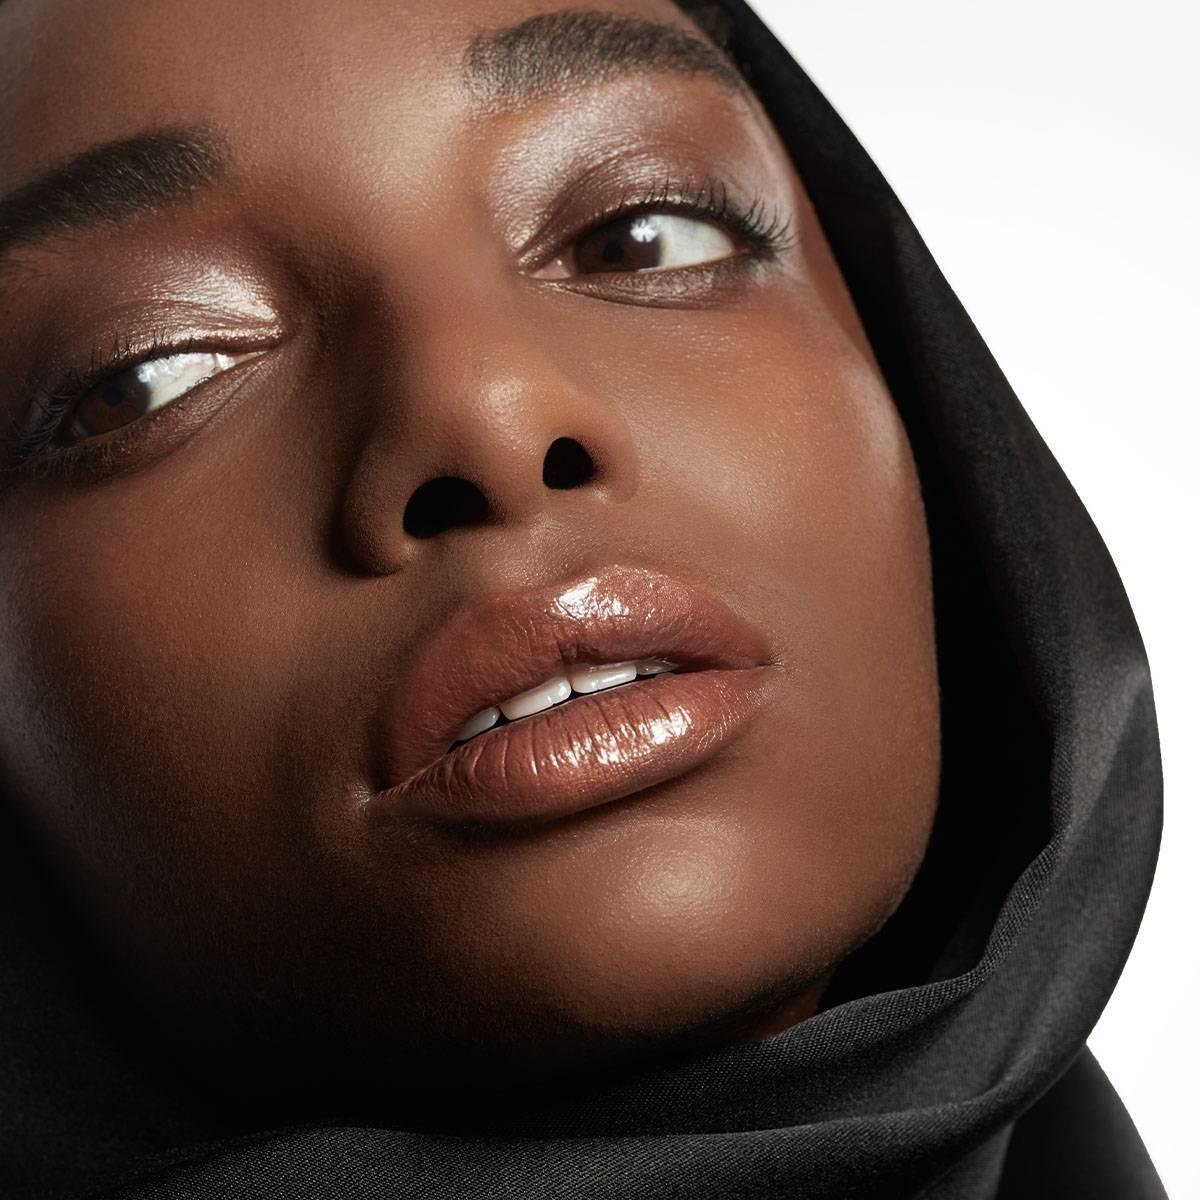 Maquillage inspiré des soins de la peau